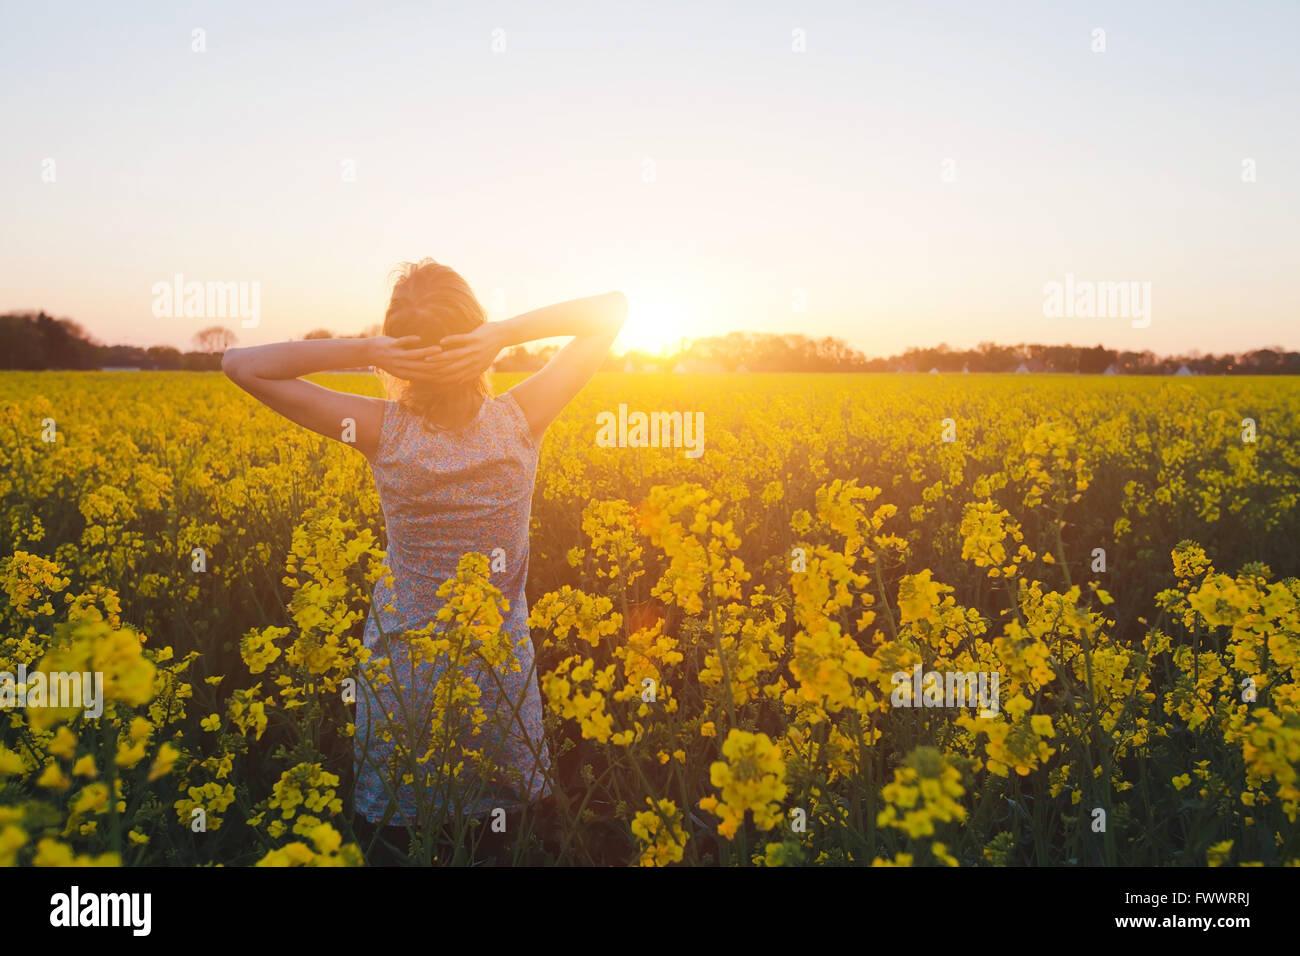 junge Frau Sommer und Natur in gelbe Blumenfeld bei Sonnenuntergang, Harmonie und gesunden Lebensstil zu genießen Stockbild